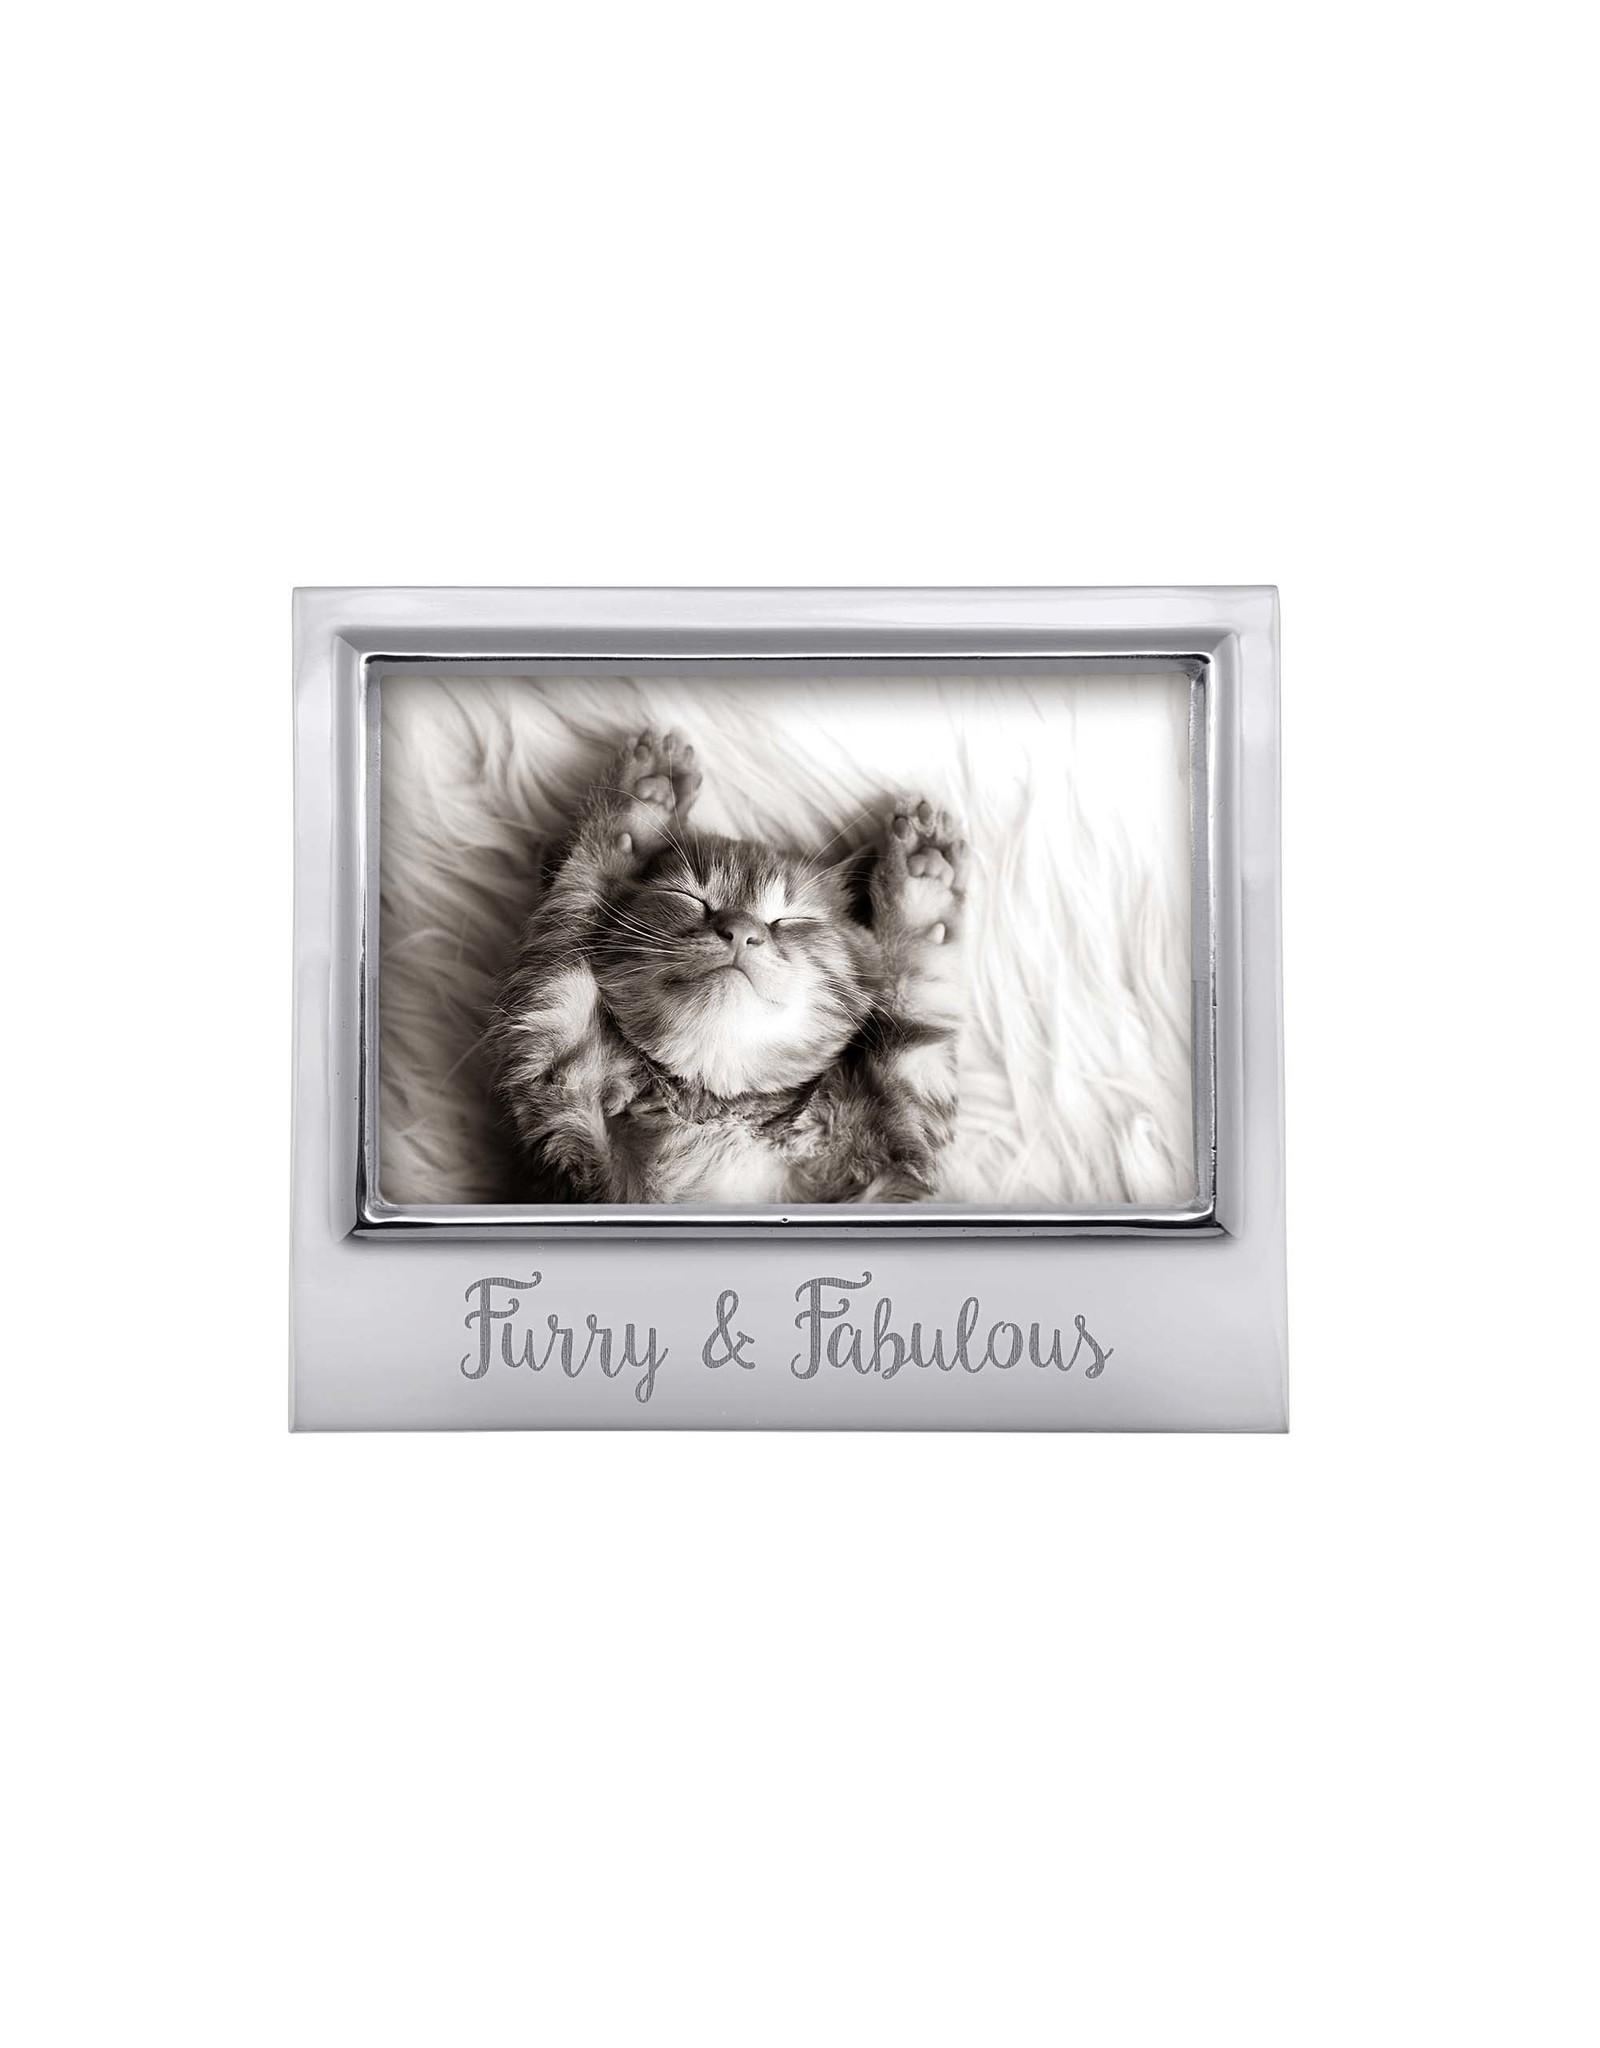 Mariposa Frame Furry & Fabulous 4x6